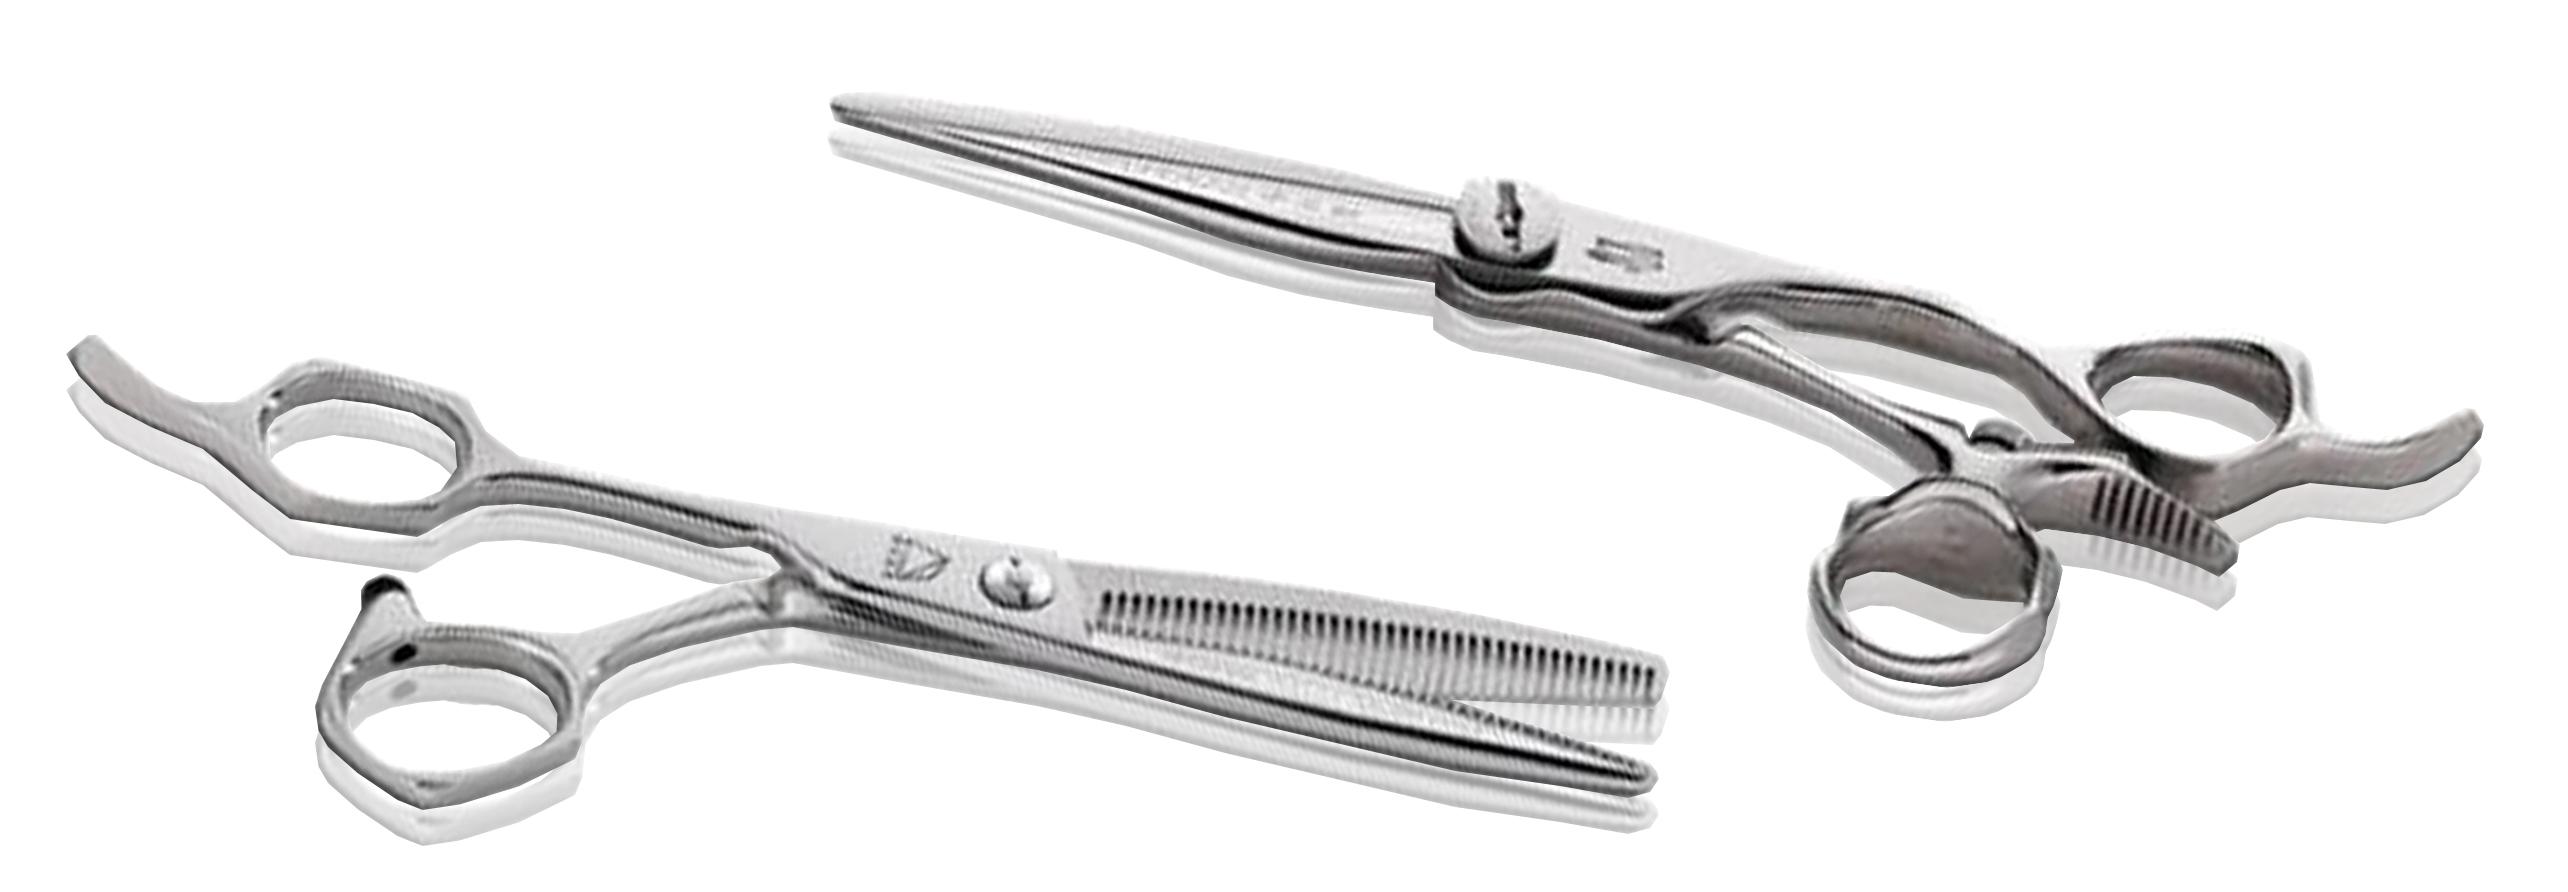 инструменты для парикмахеров4